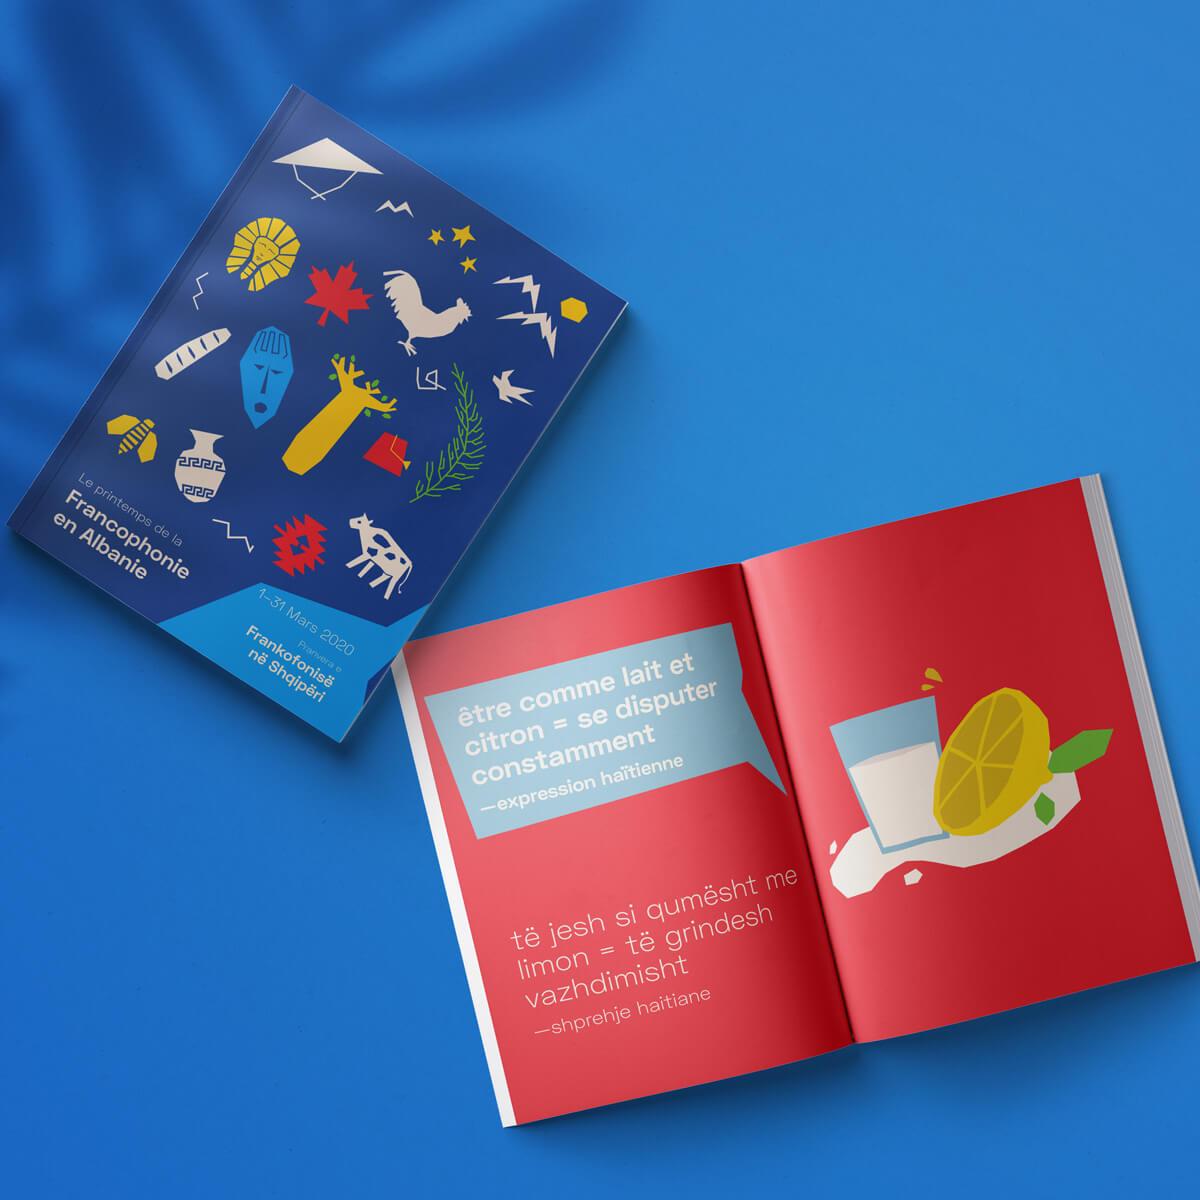 Le printemps de la Francophonie en Albanie 2020 | Booklet cover